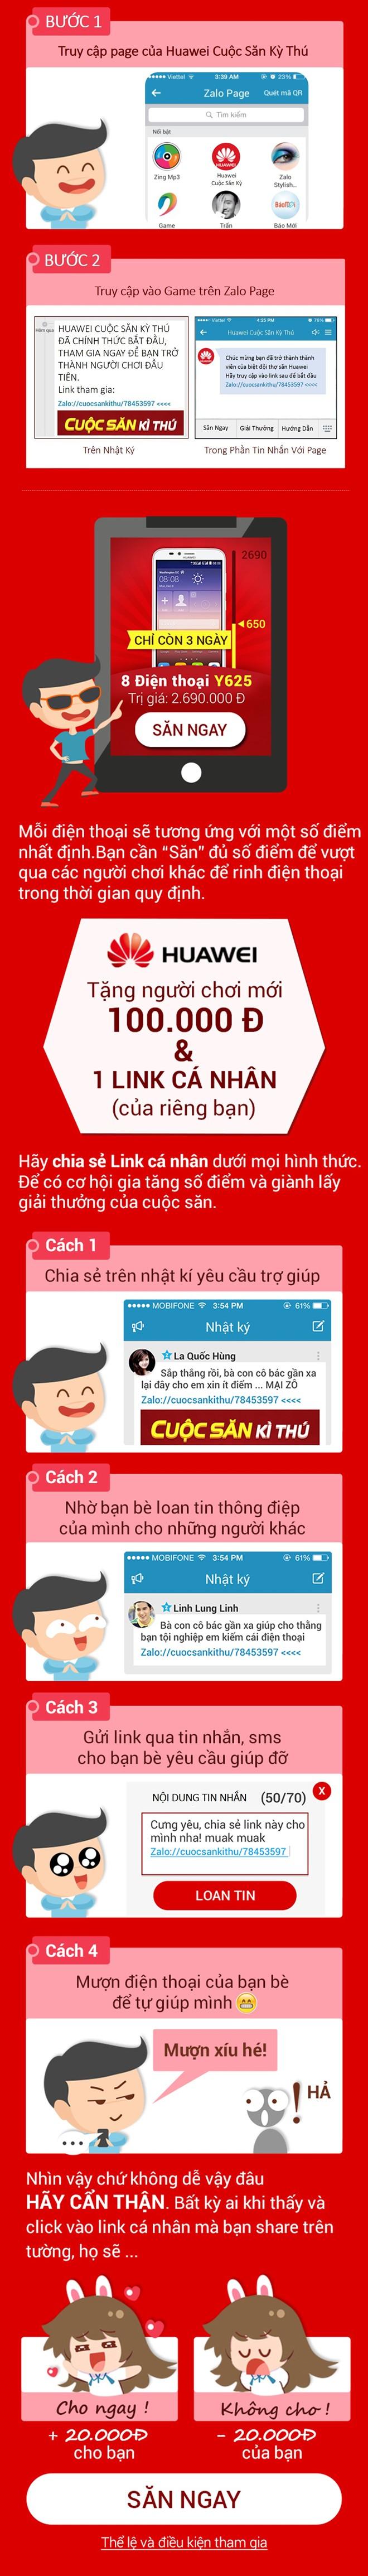 Bí kíp săn điện thoại Huawei Quảng Cáo Trên Zalo?